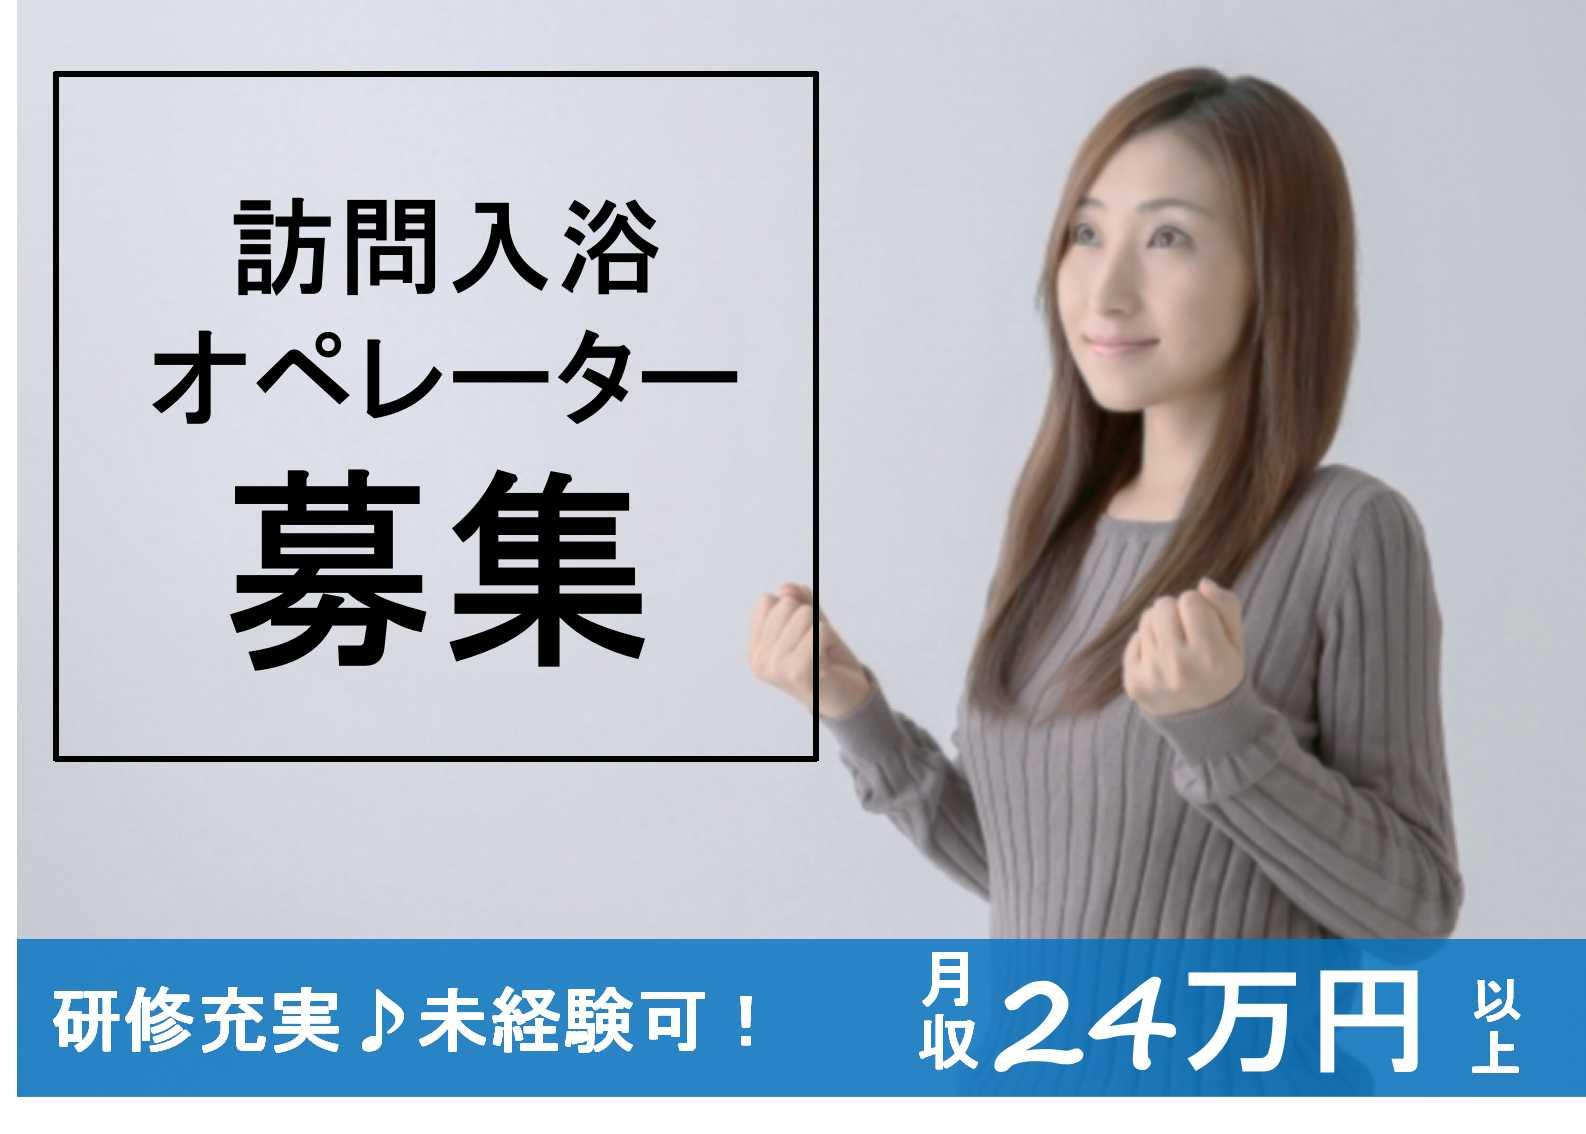 月給24万円以上♪未経験・ブランクOK!訪問入浴オペレーター【即面談可能】 イメージ